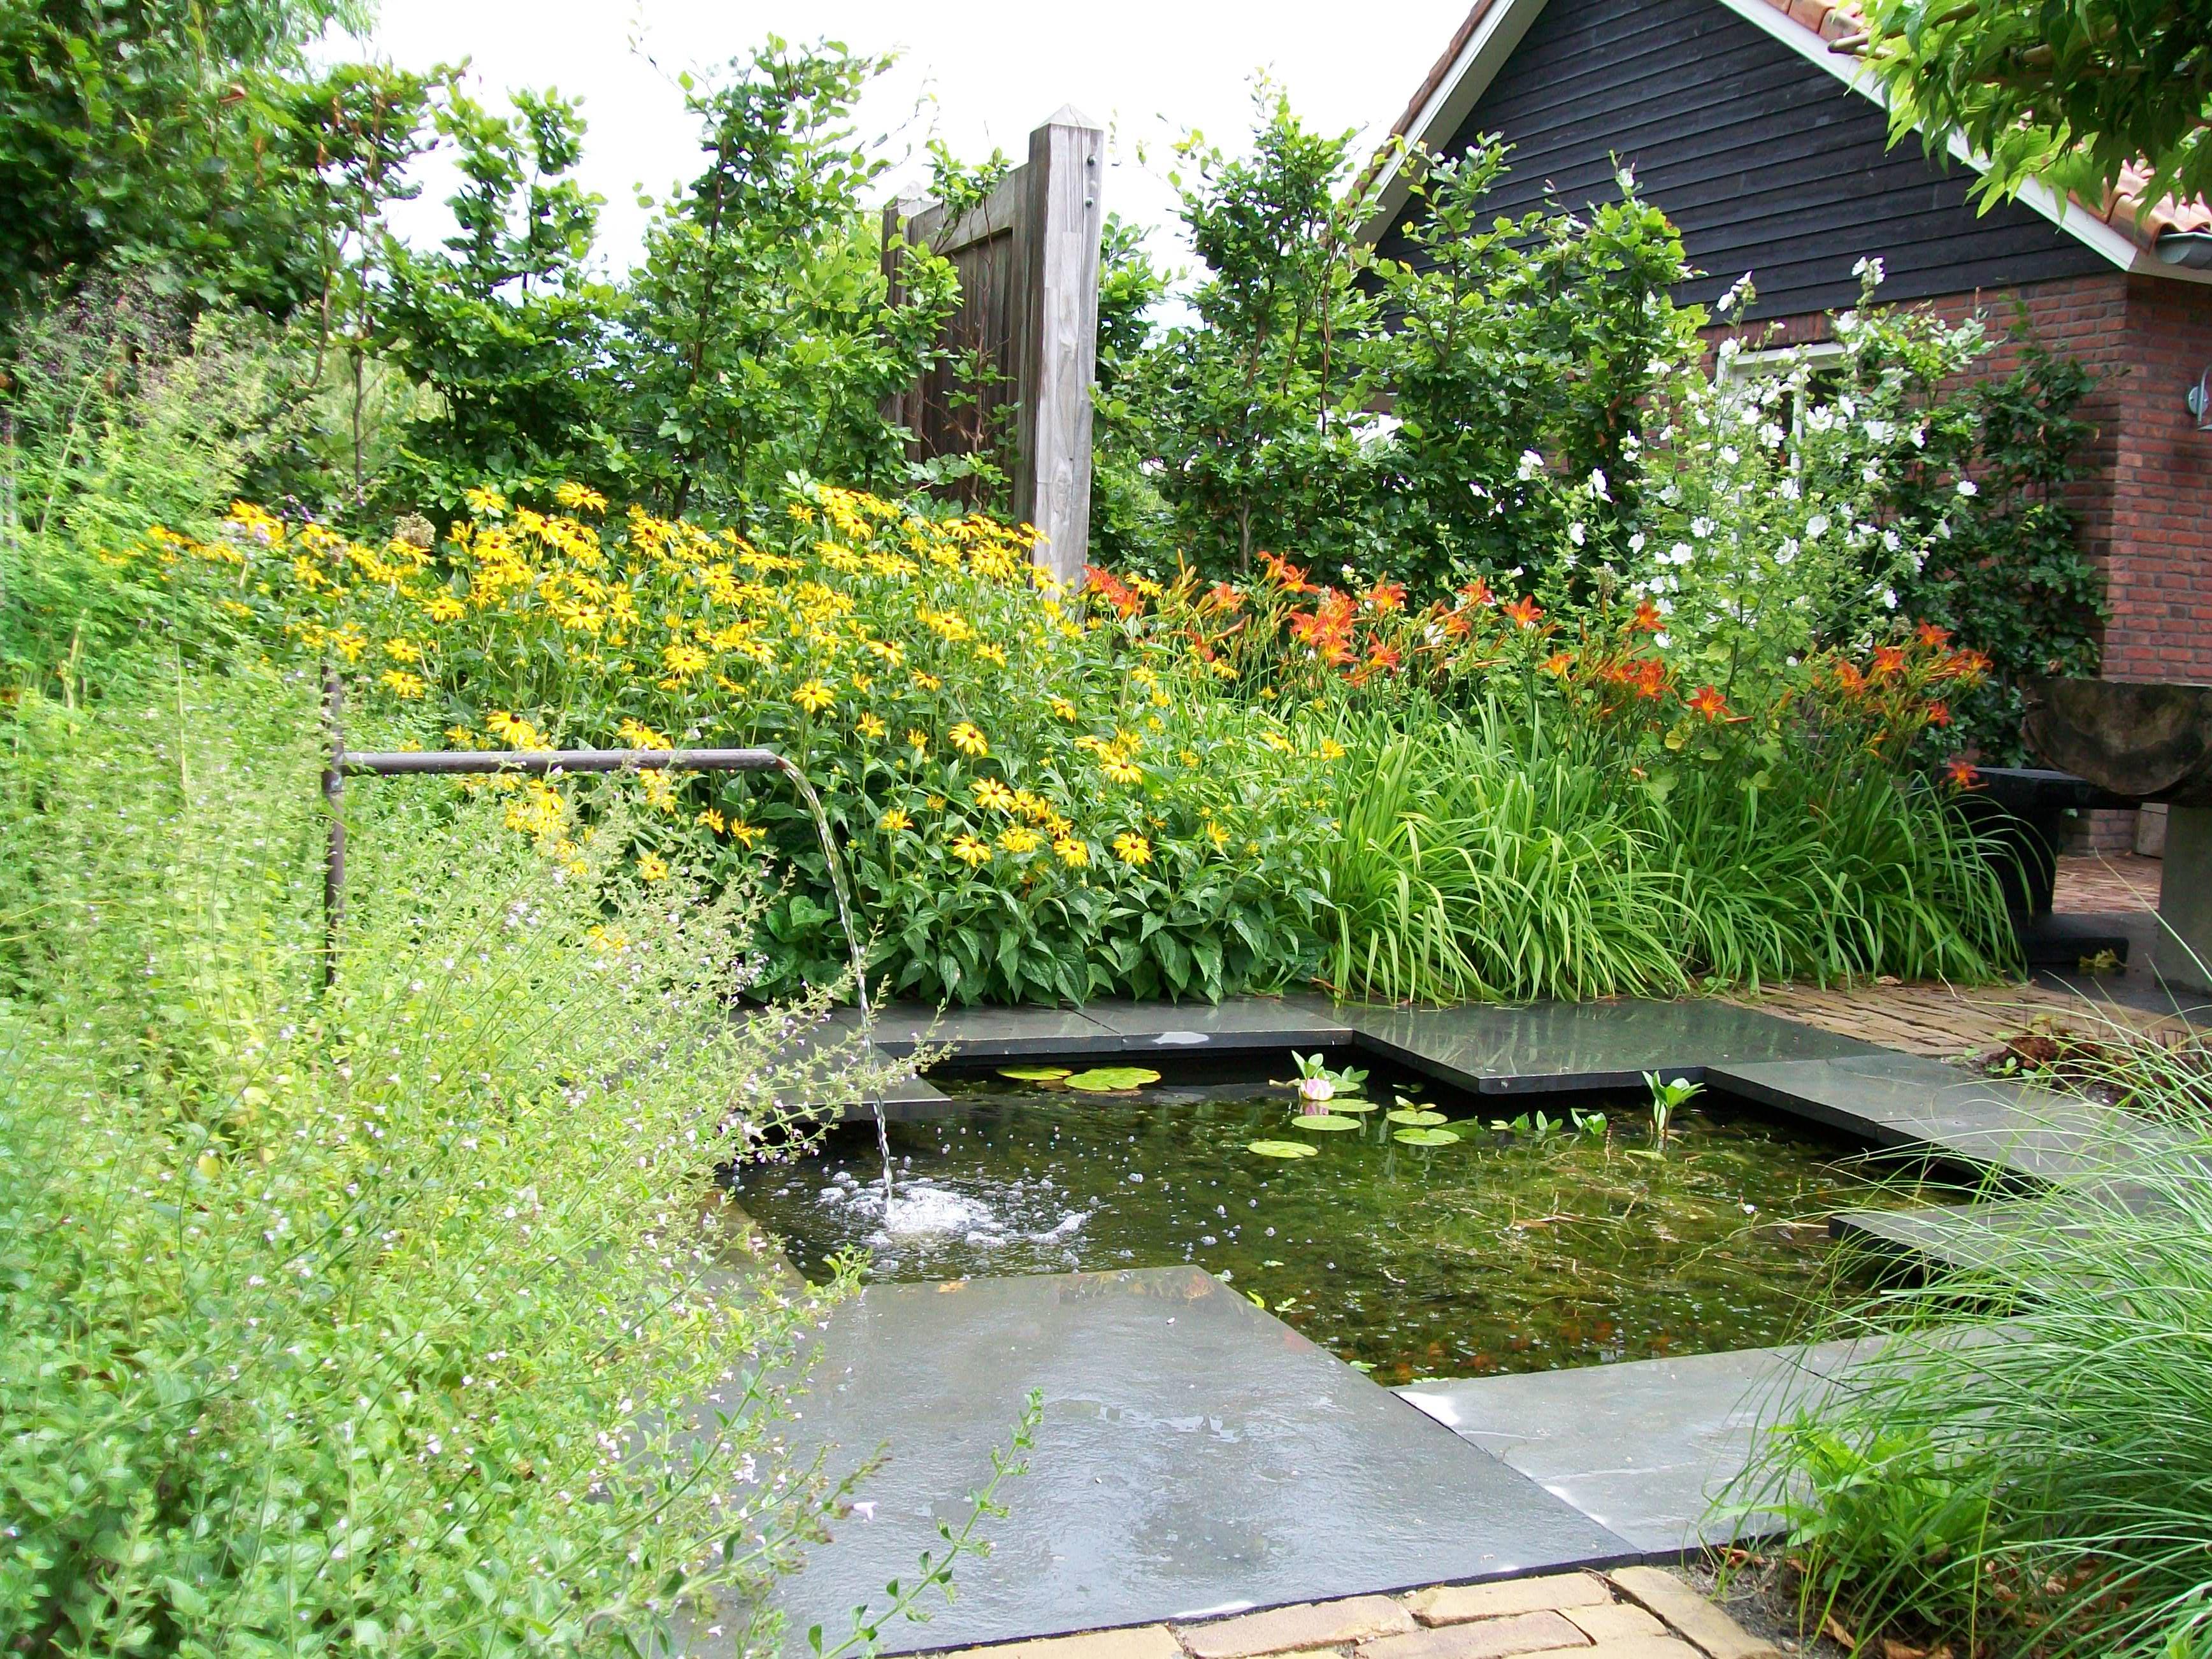 Sproei Installatie Tuin : Werkzaamheden in en rondom uw tuin u rené budding beregeningen